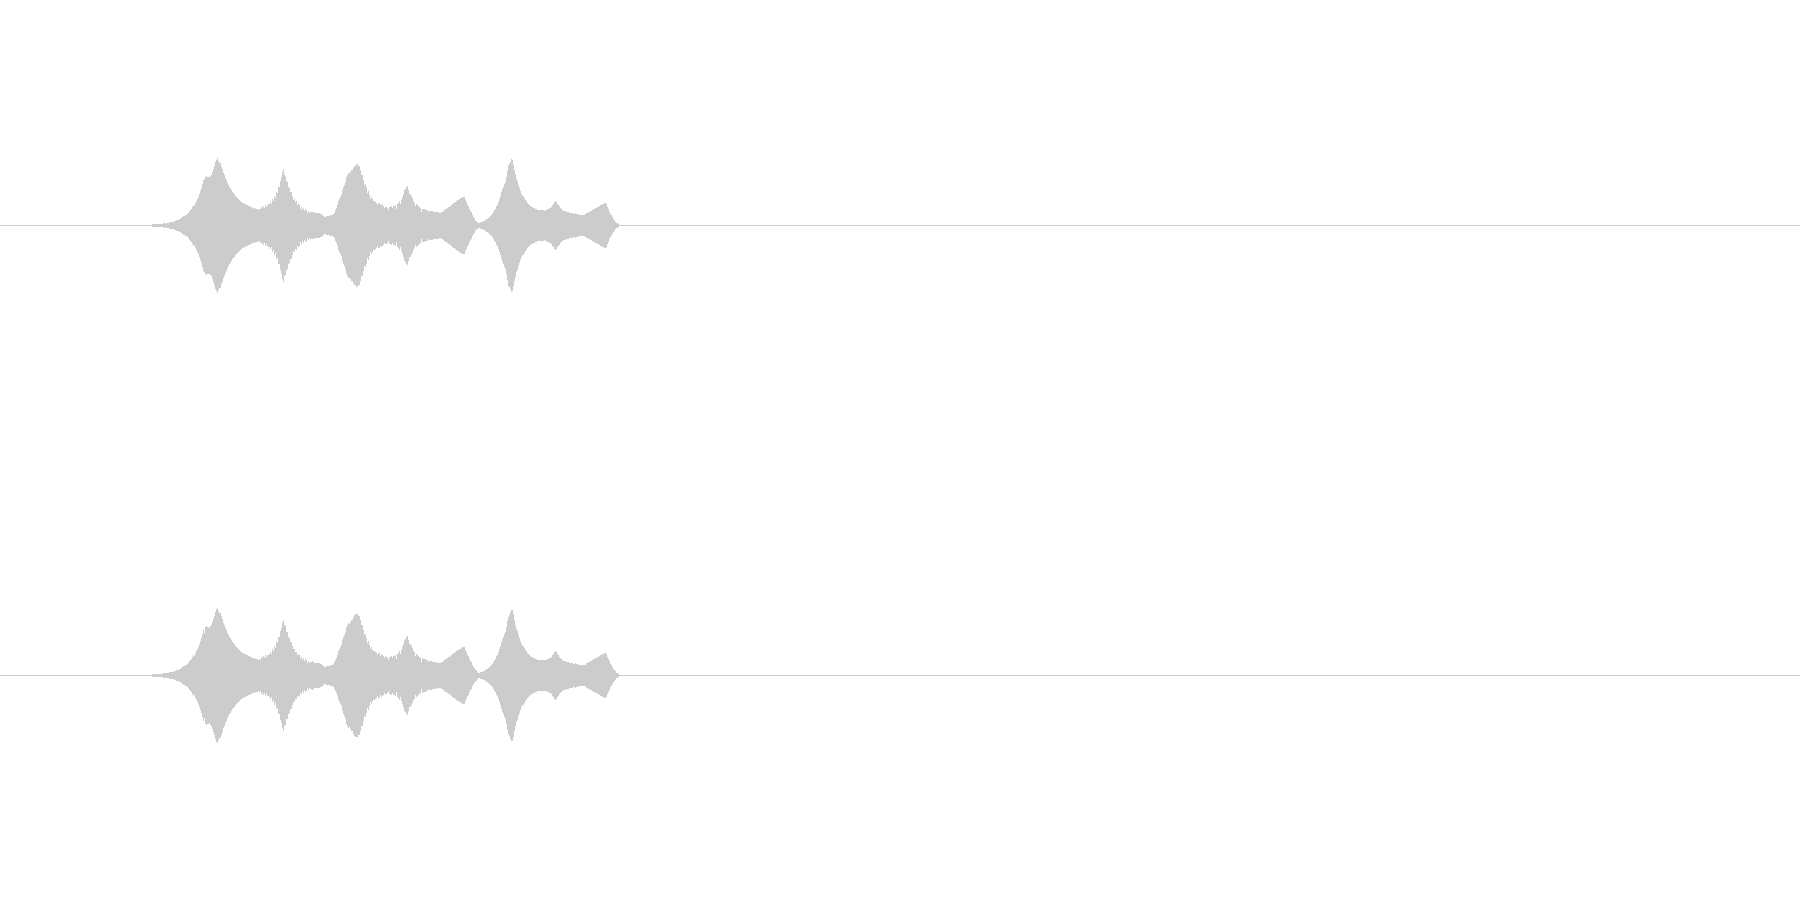 【ポップモーション34-2】の未再生の波形